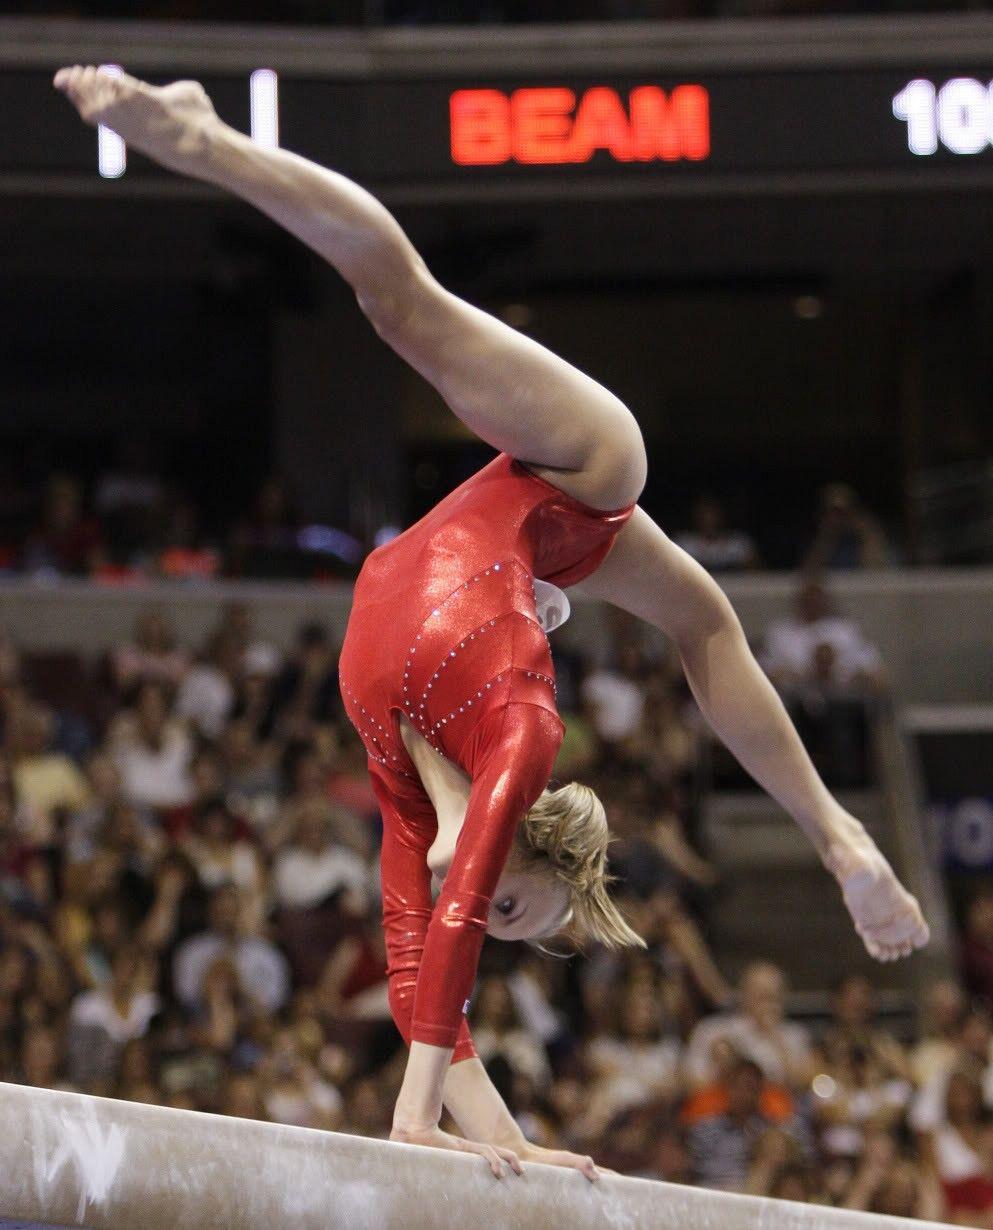 активно гимнастки спорт фото промо-видео получаются настолько